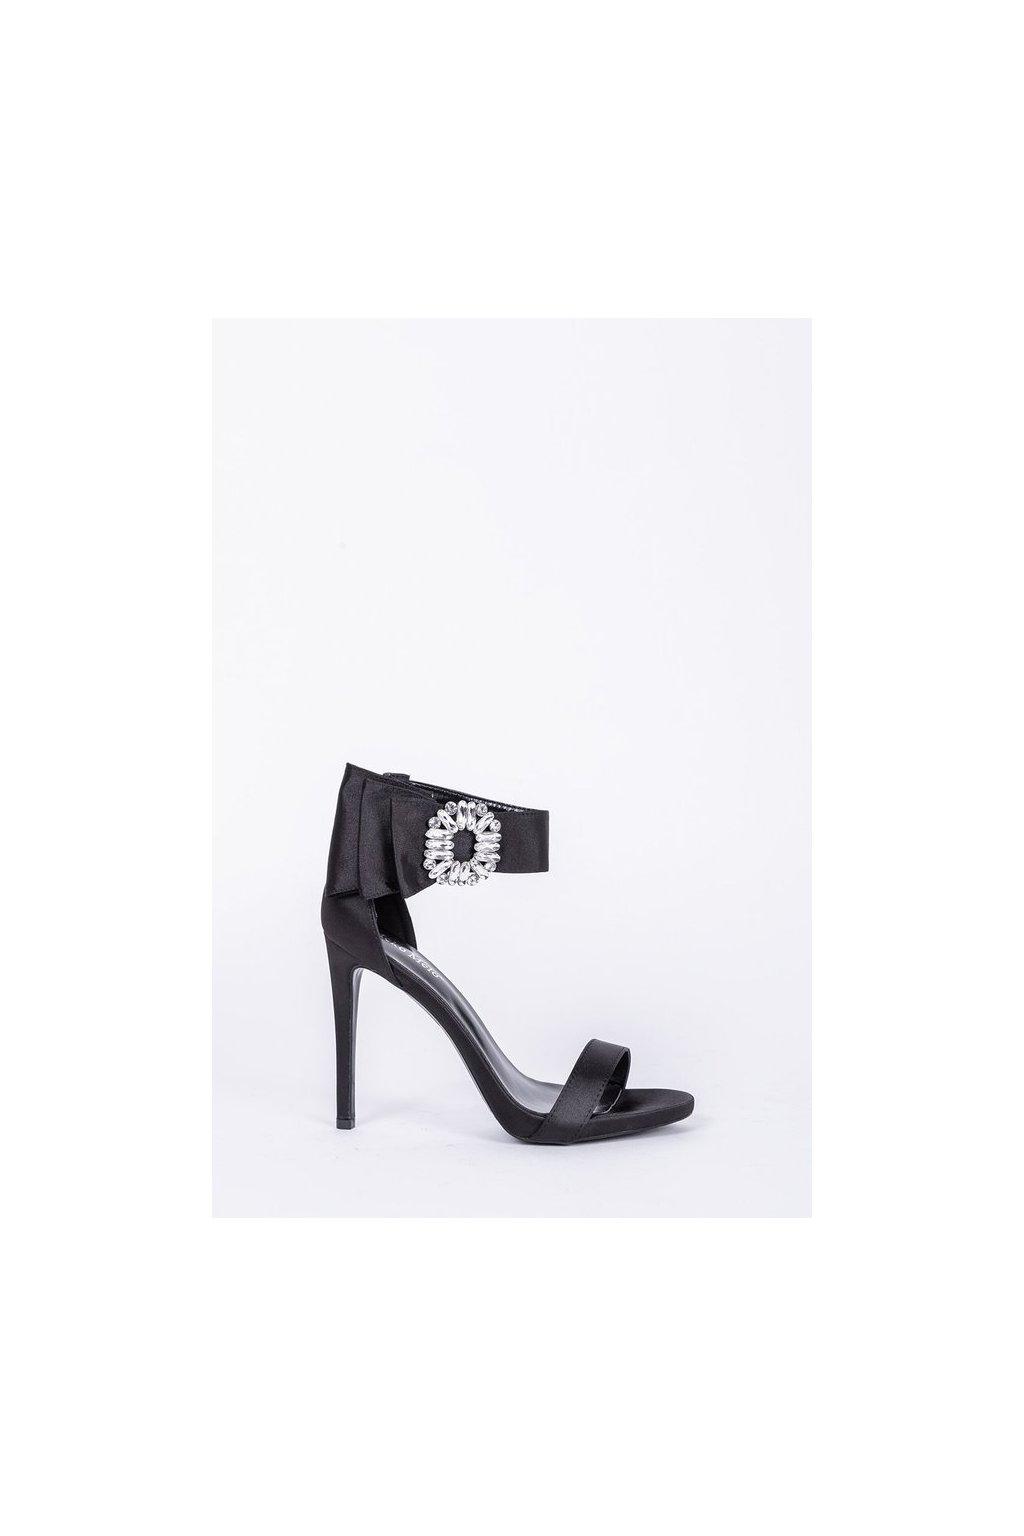 Dámske topánky sandále čierne kód - GM